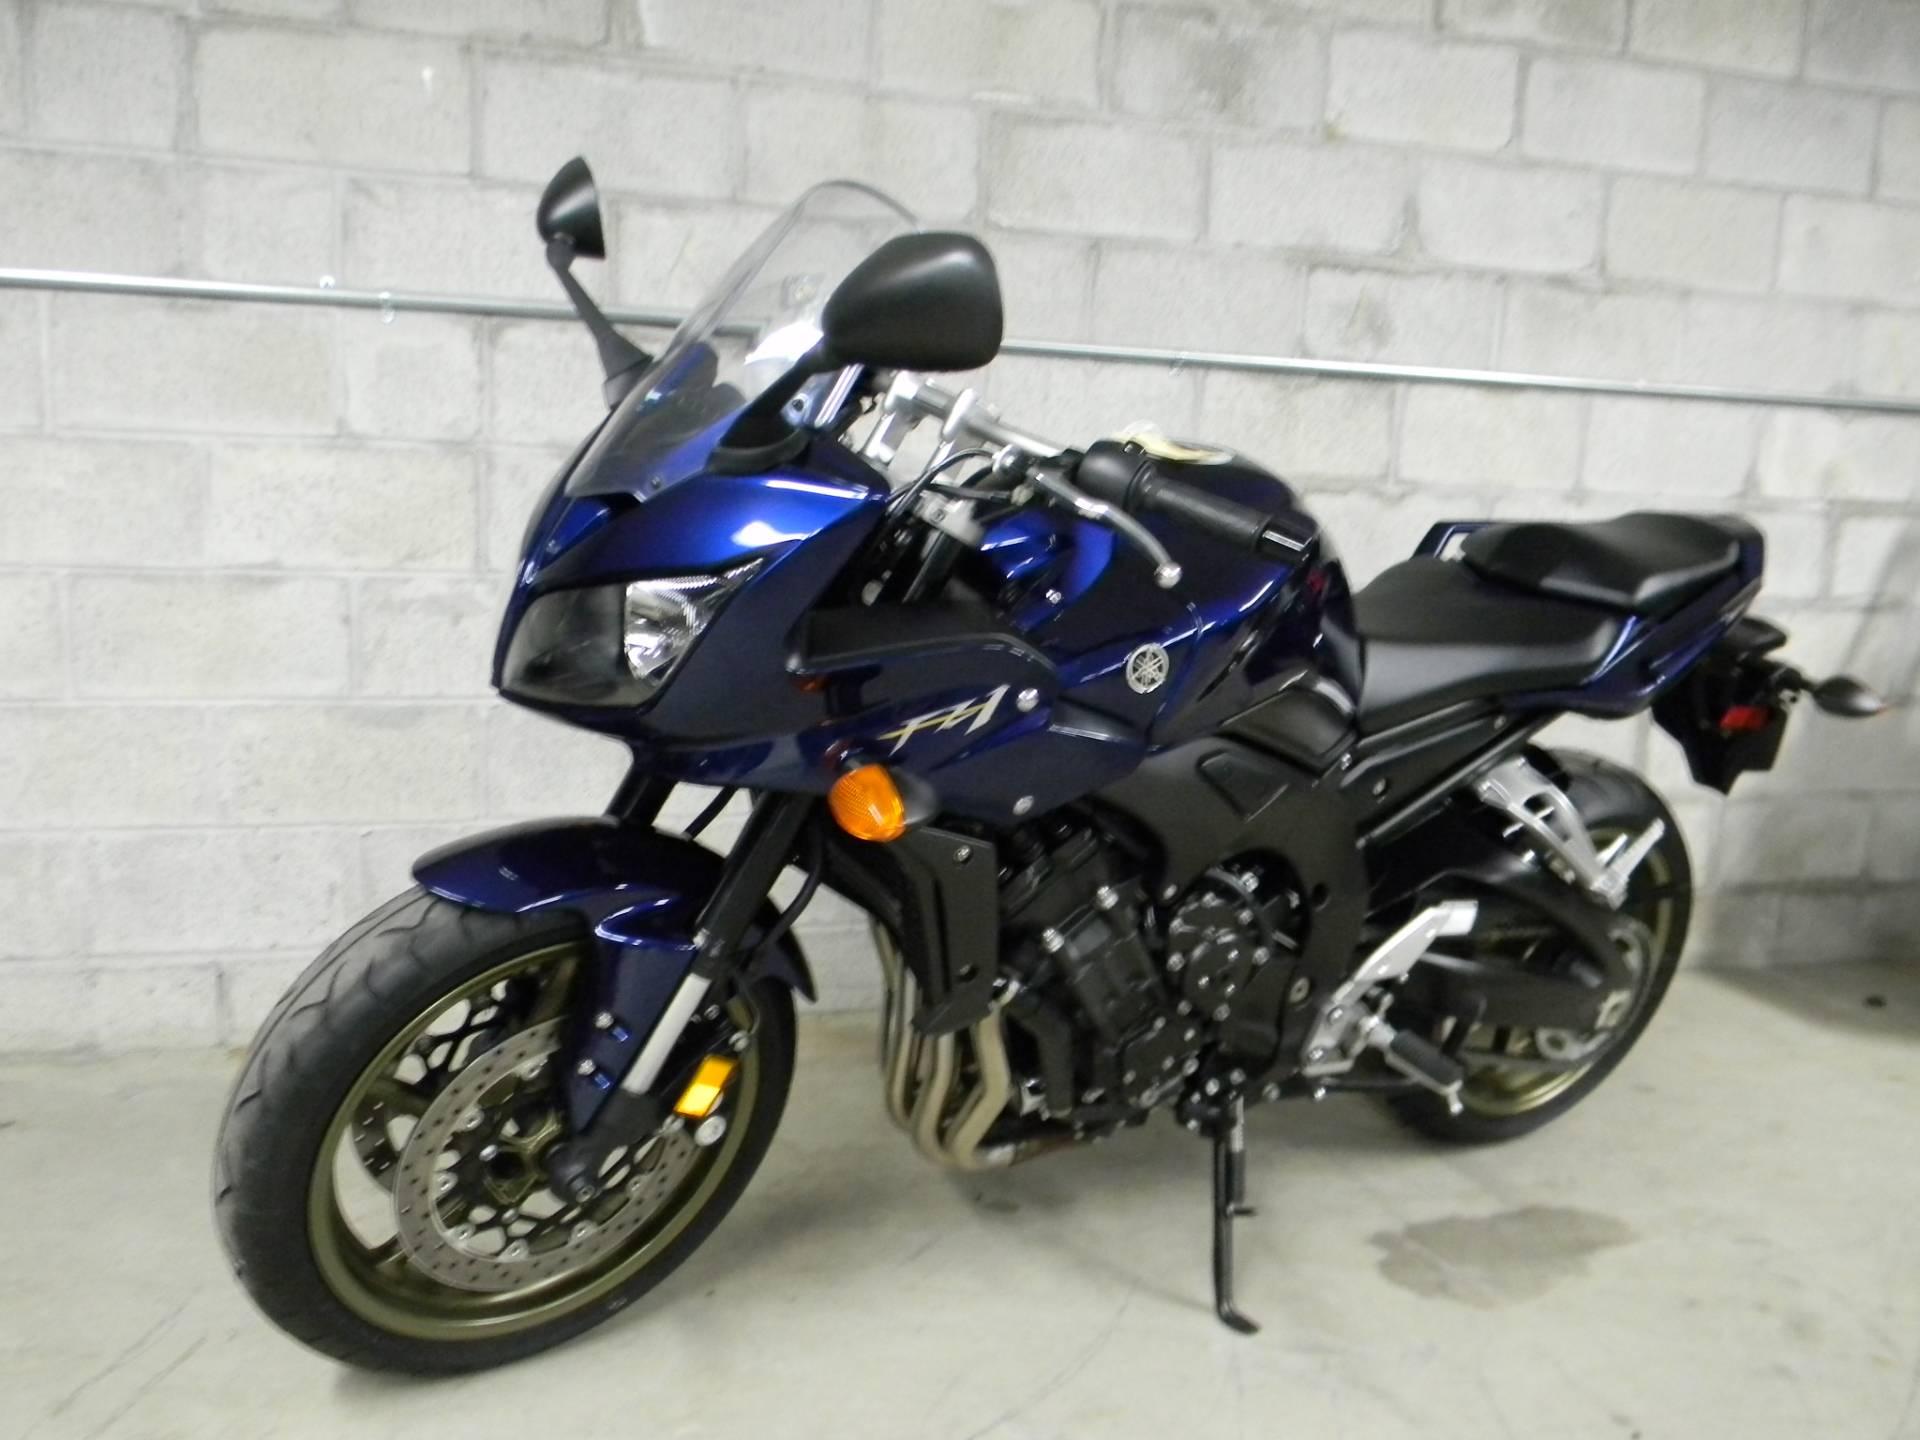 2009 Yamaha FZ1 4